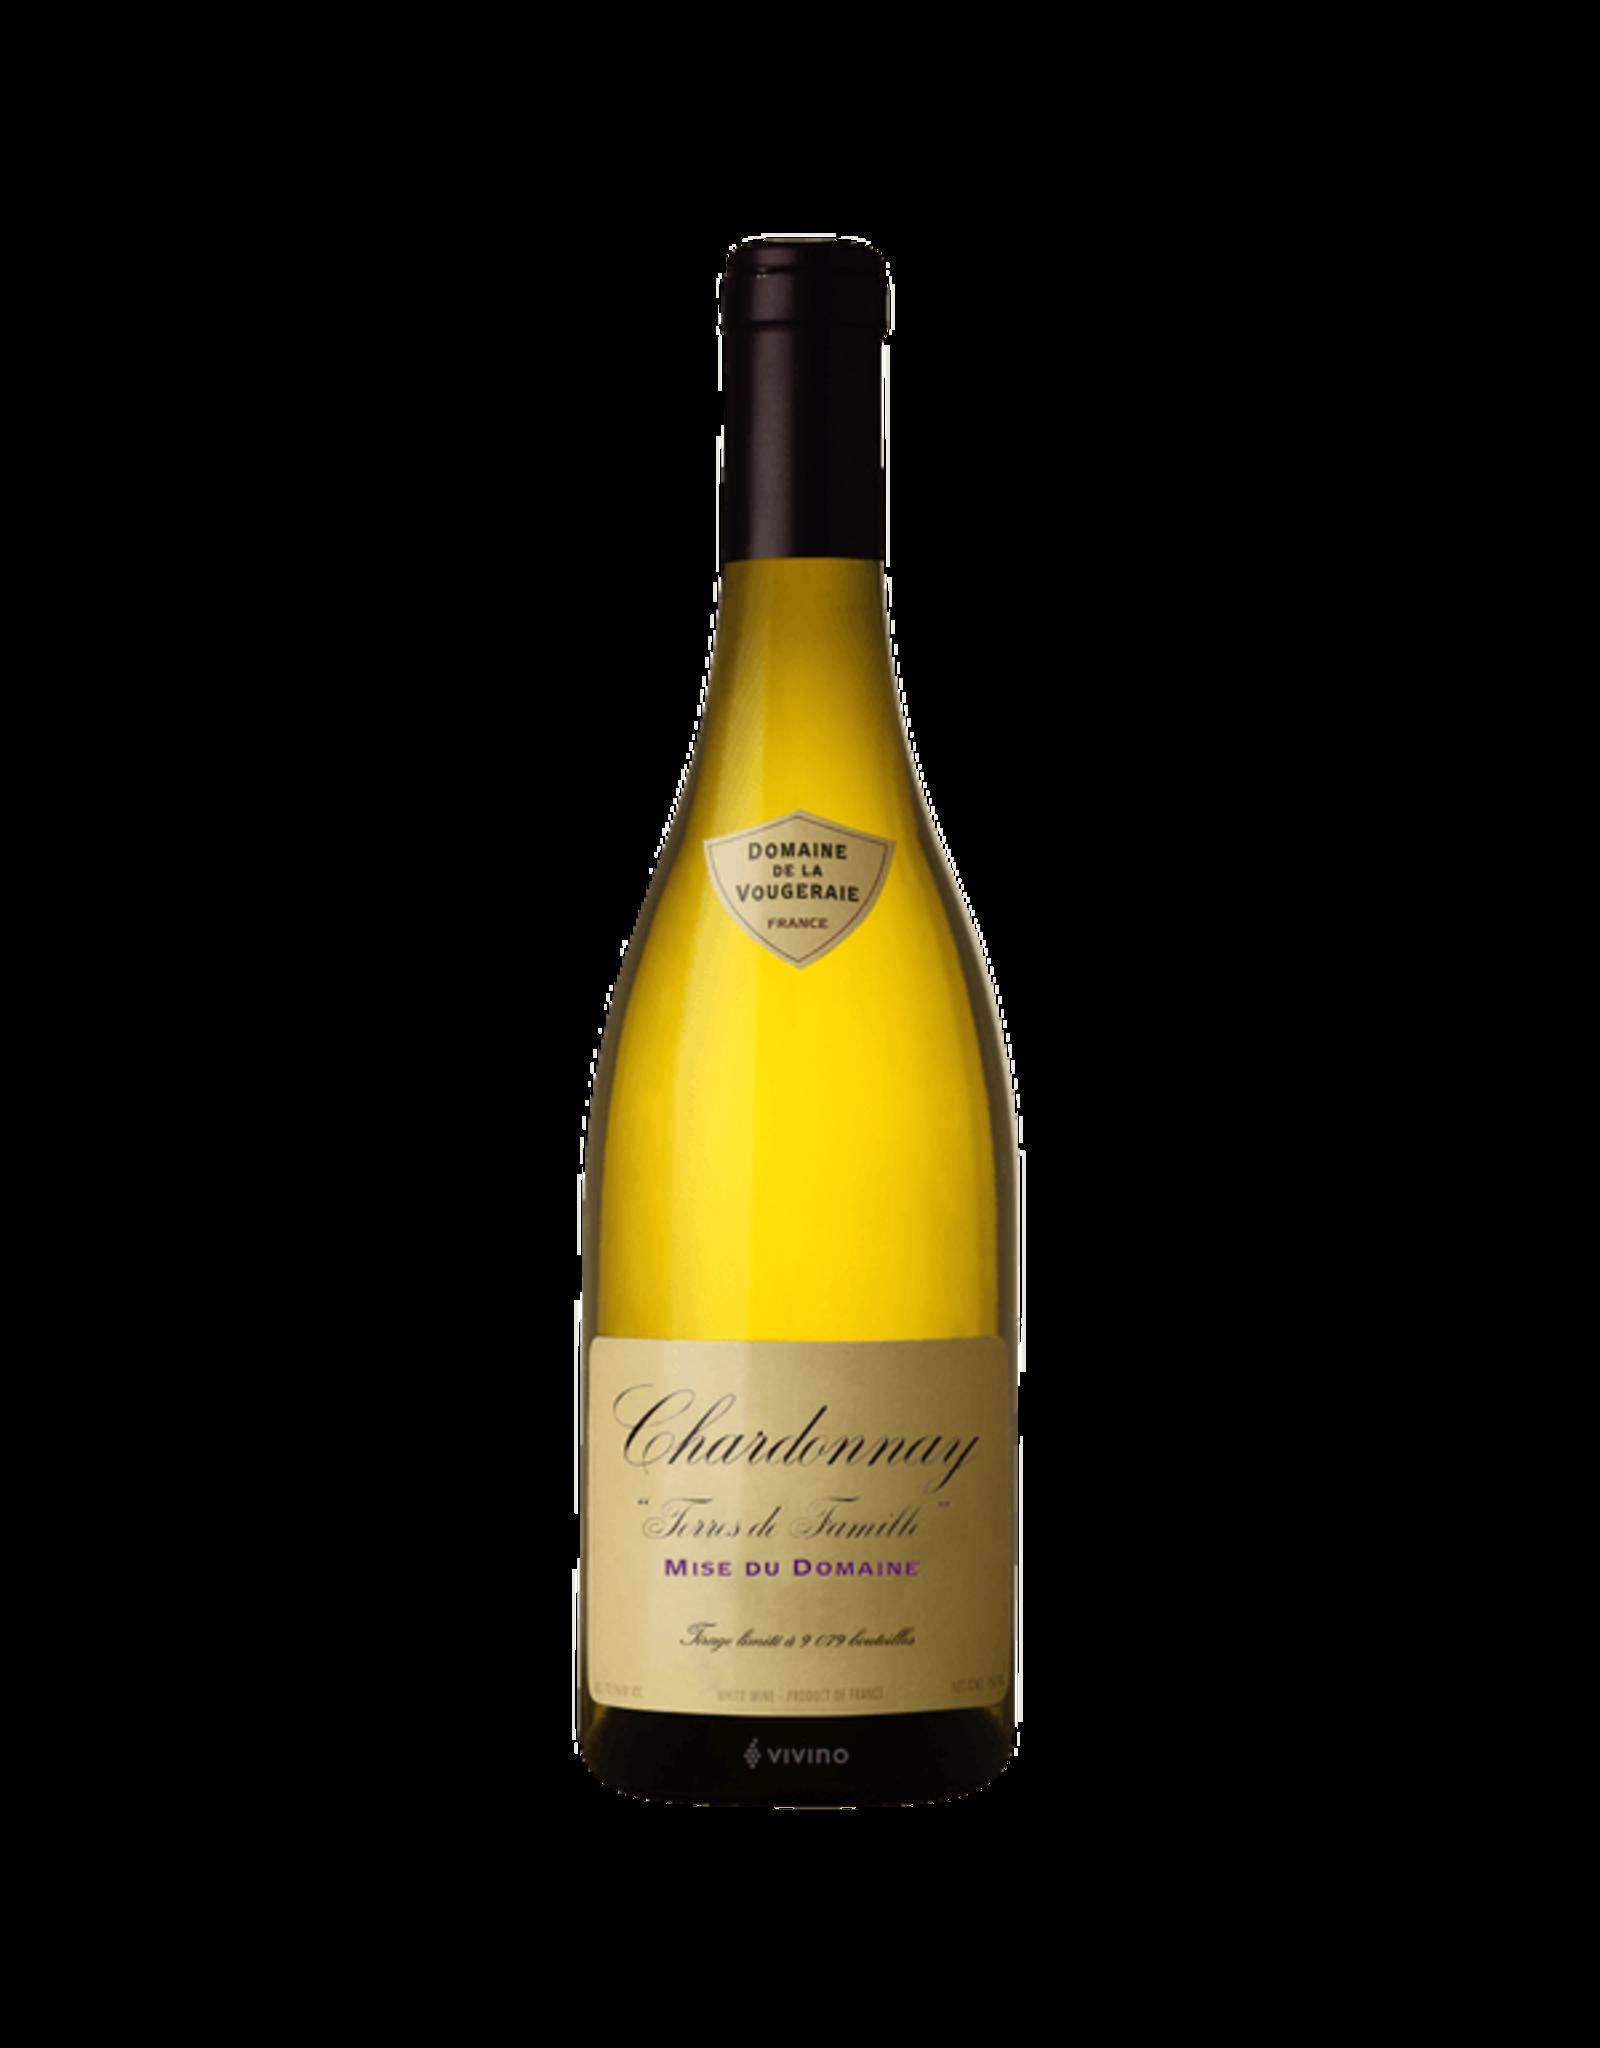 Domaine de la Vourgeraie Chardonnay 2013